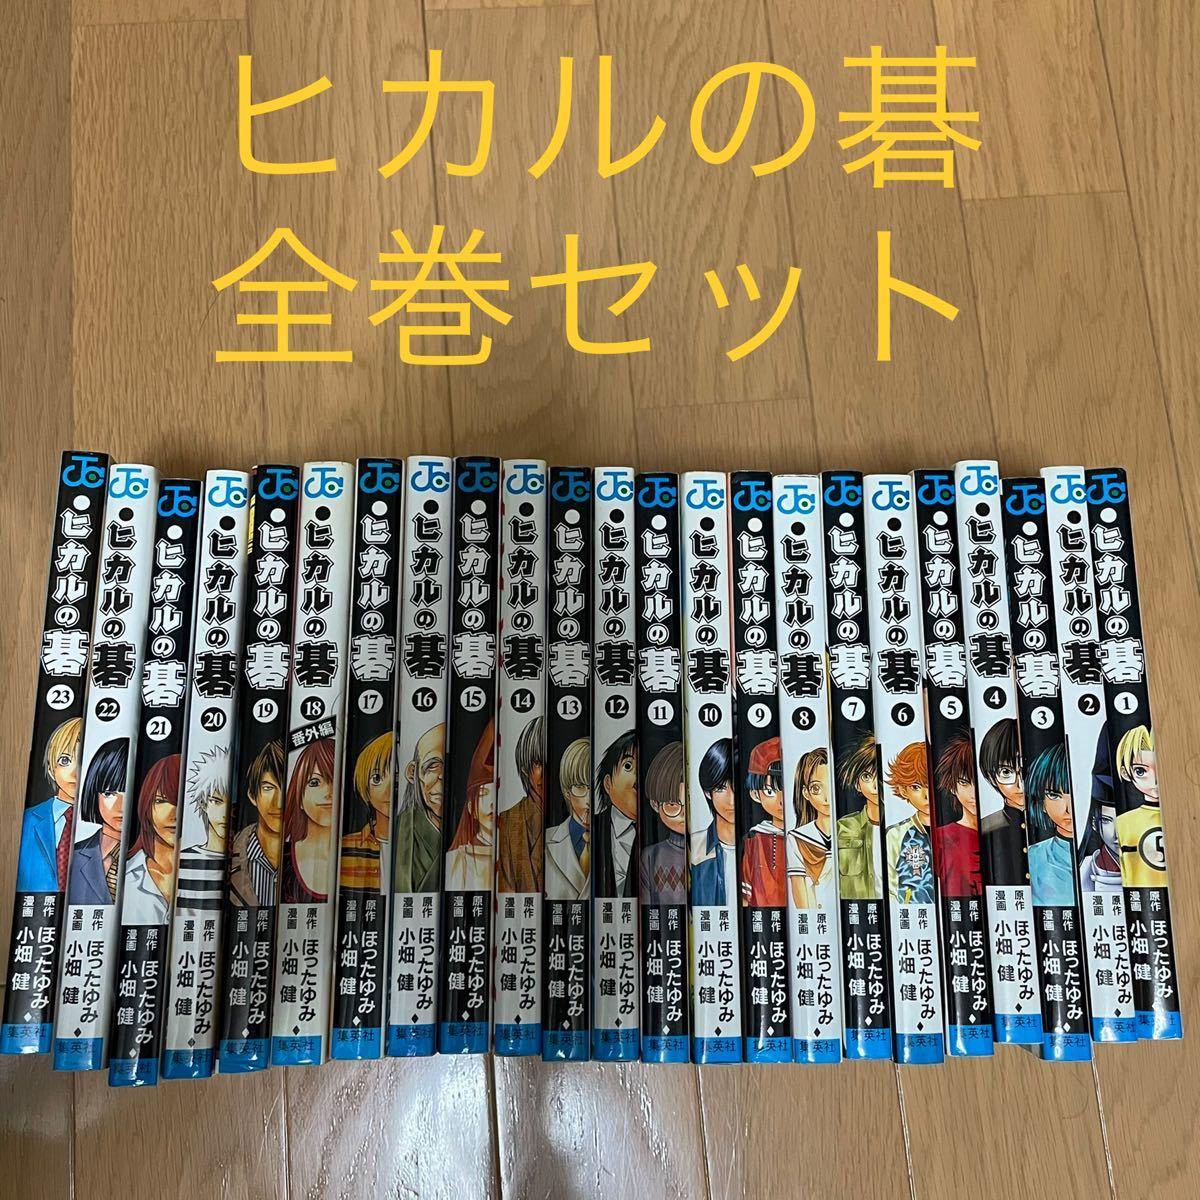 ヒカルの碁全巻セットまとめ売り 漫画 マンガ